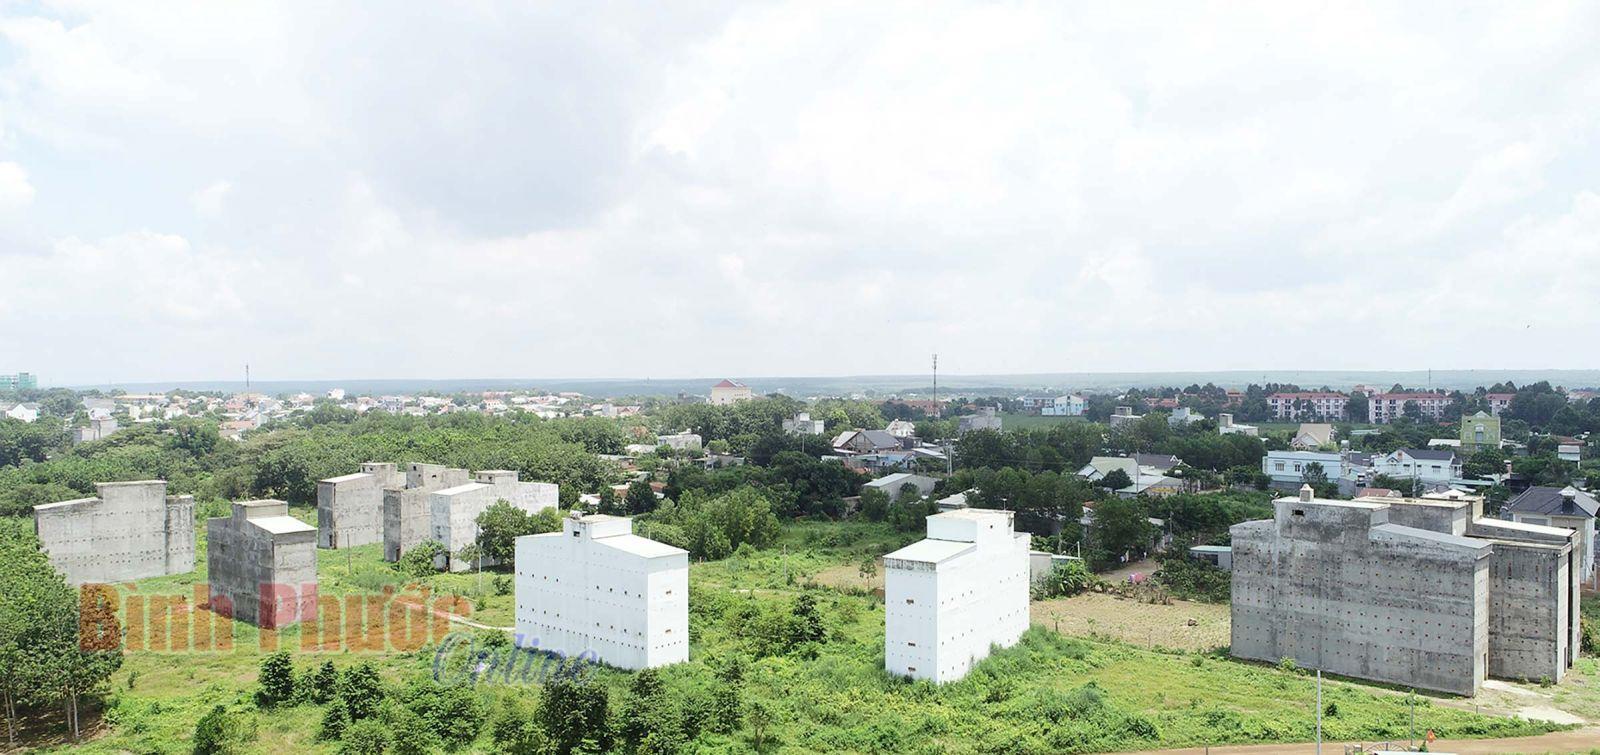 Do lợi nhuận cao, người dân đổ xô xây nhà nuôi chim yến - Ảnh chụp tại phường Tân Bình, thành phố Đồng Xoài